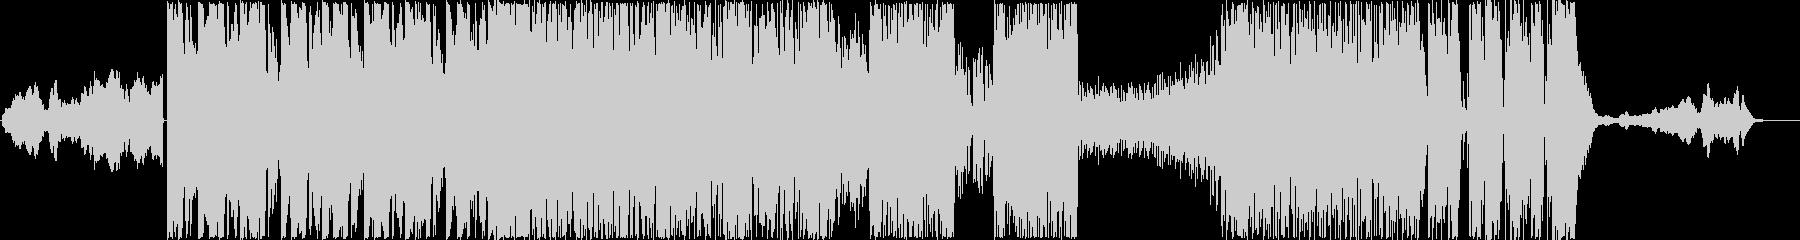 バトルラウンドBGMの未再生の波形